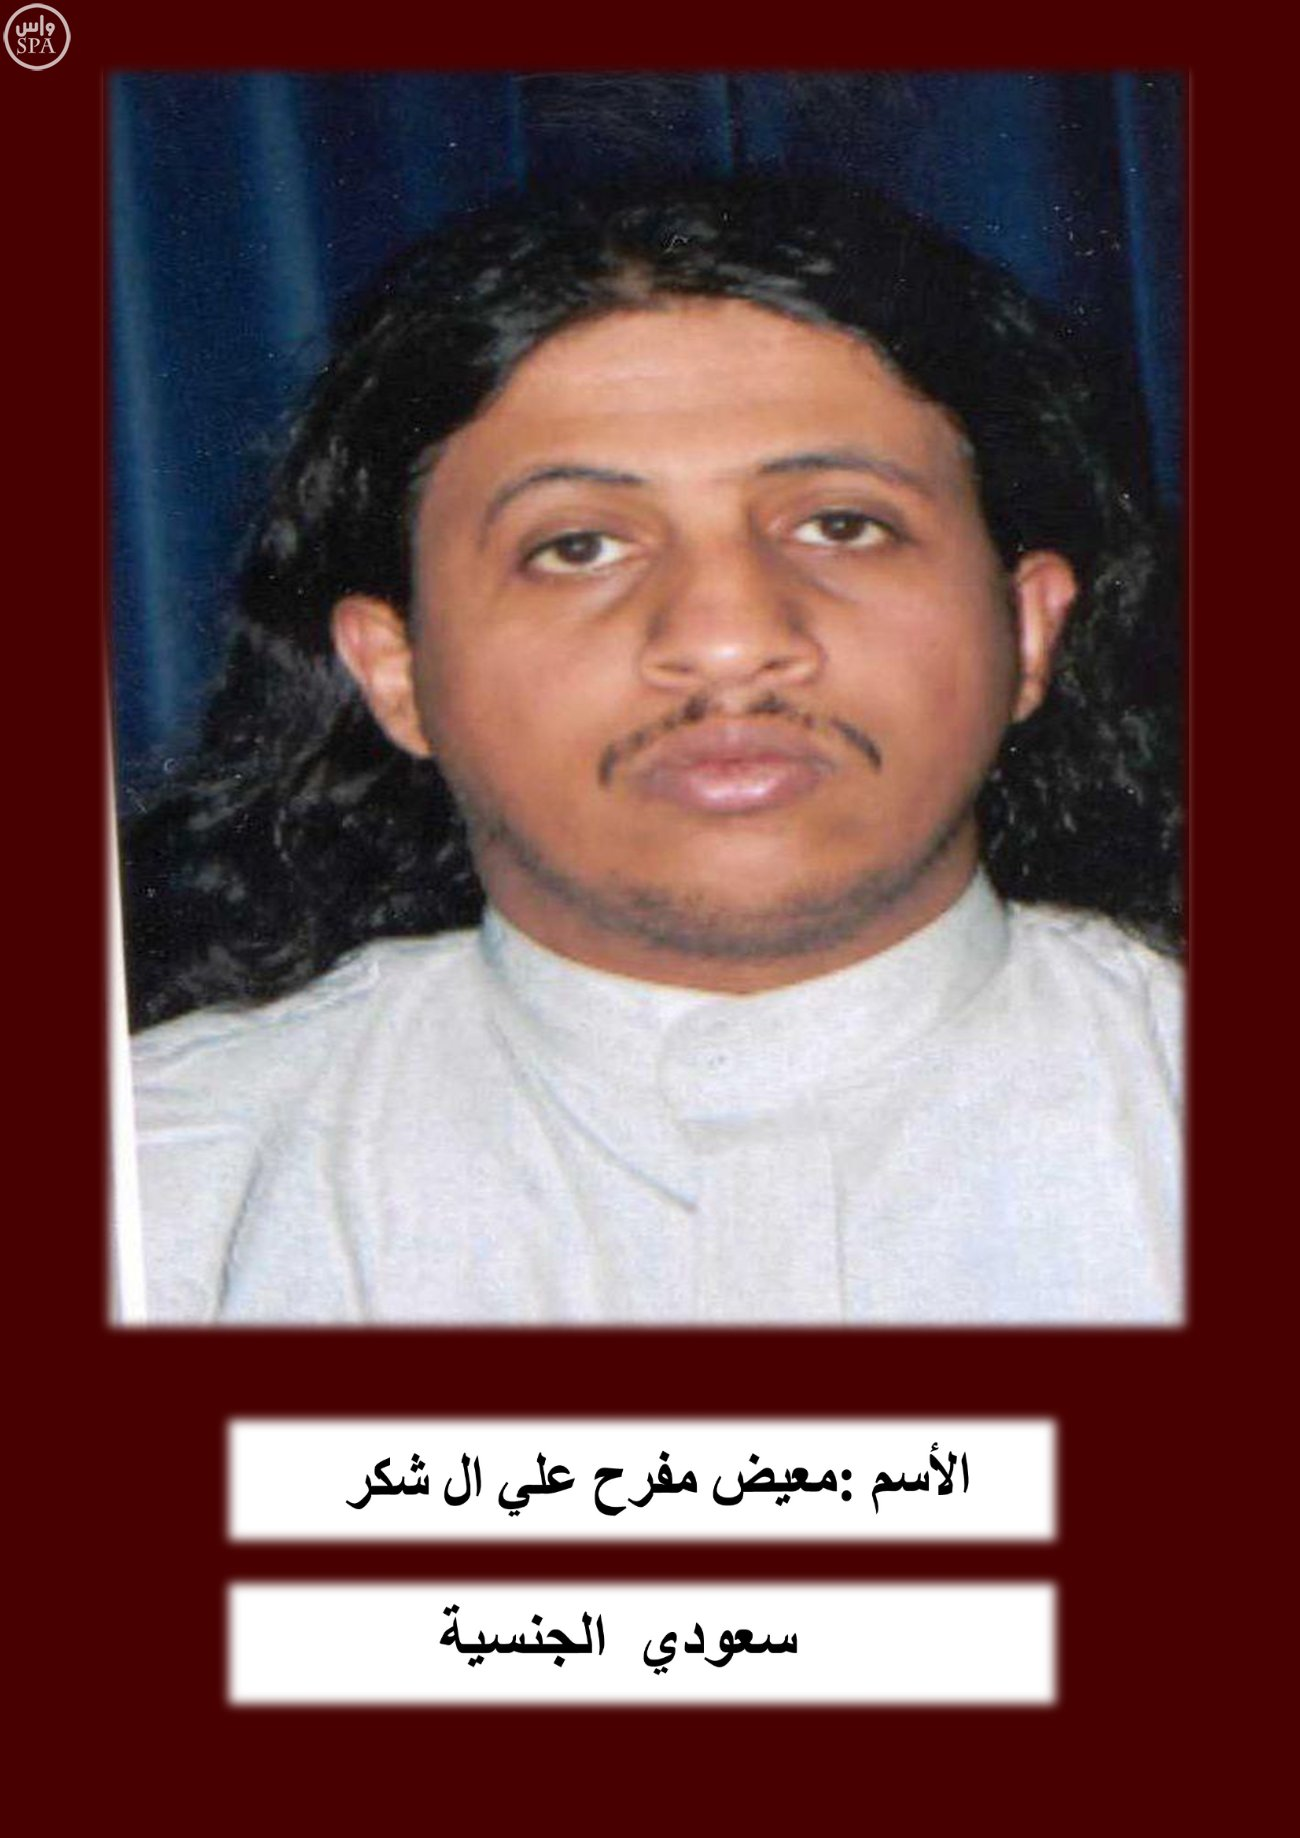 ارهابيين (2)